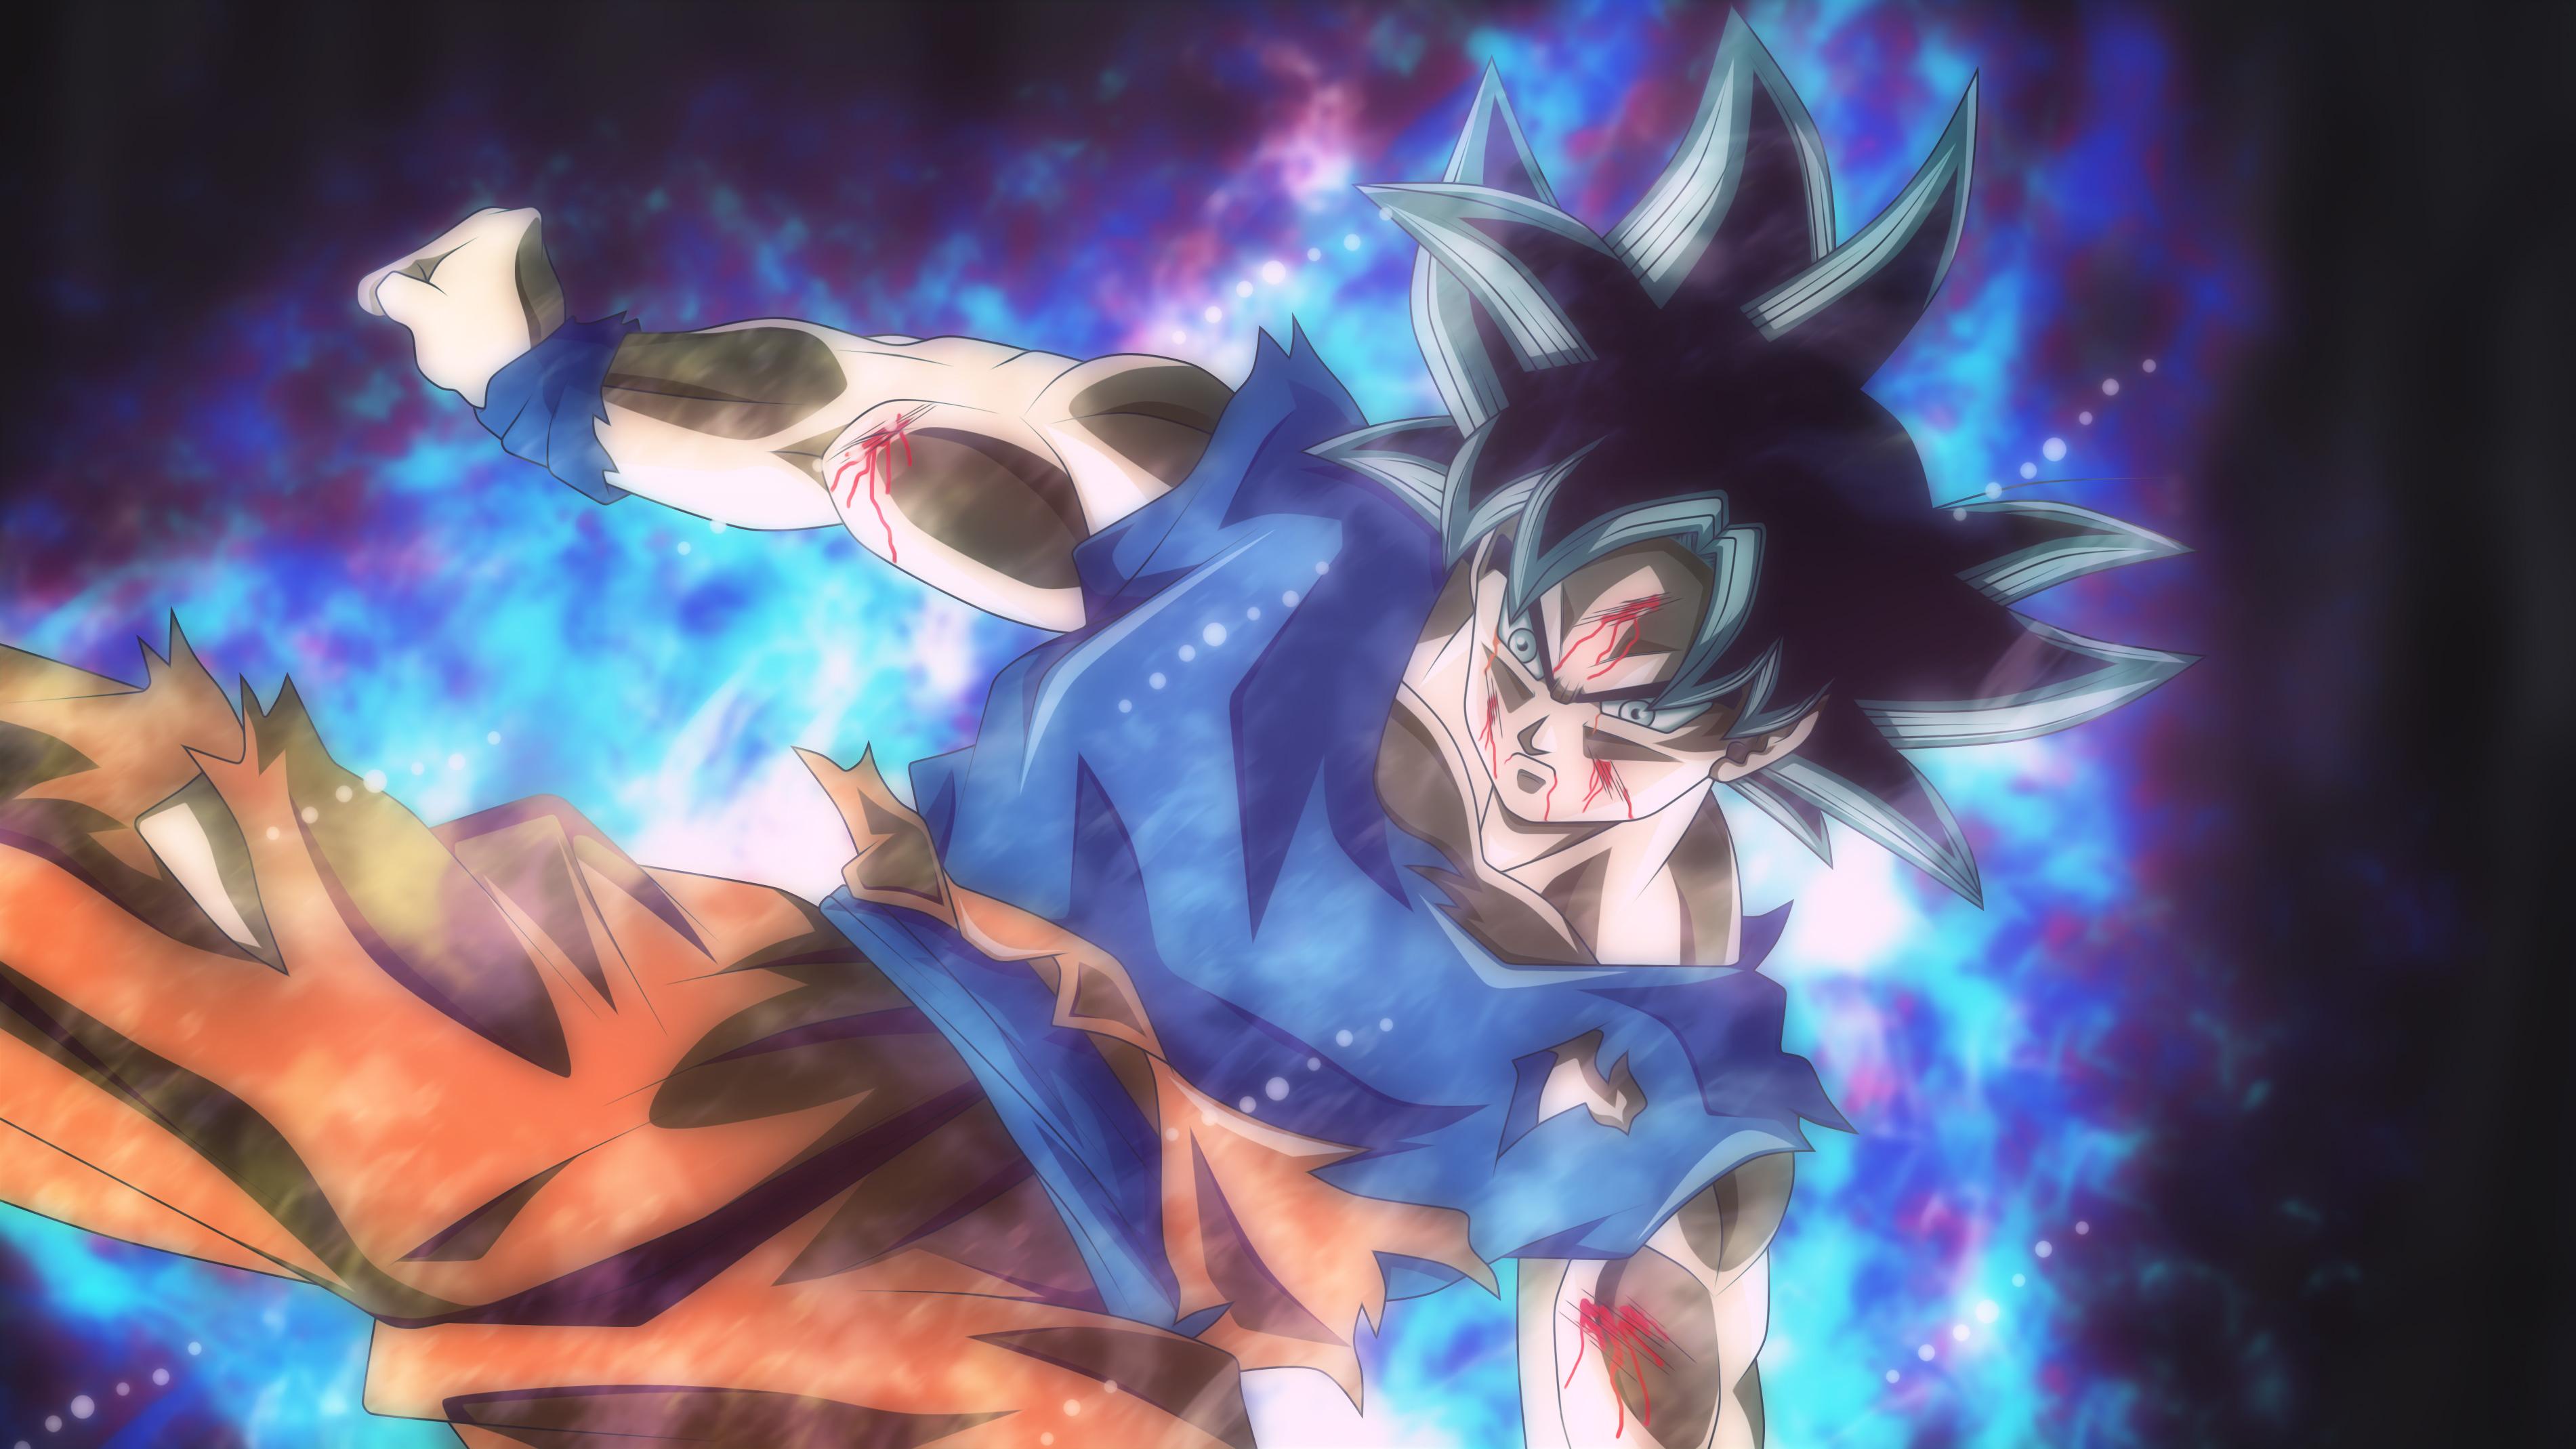 Anime Dragon Ball Super, HD Anime, 4k Wallpapers, Images